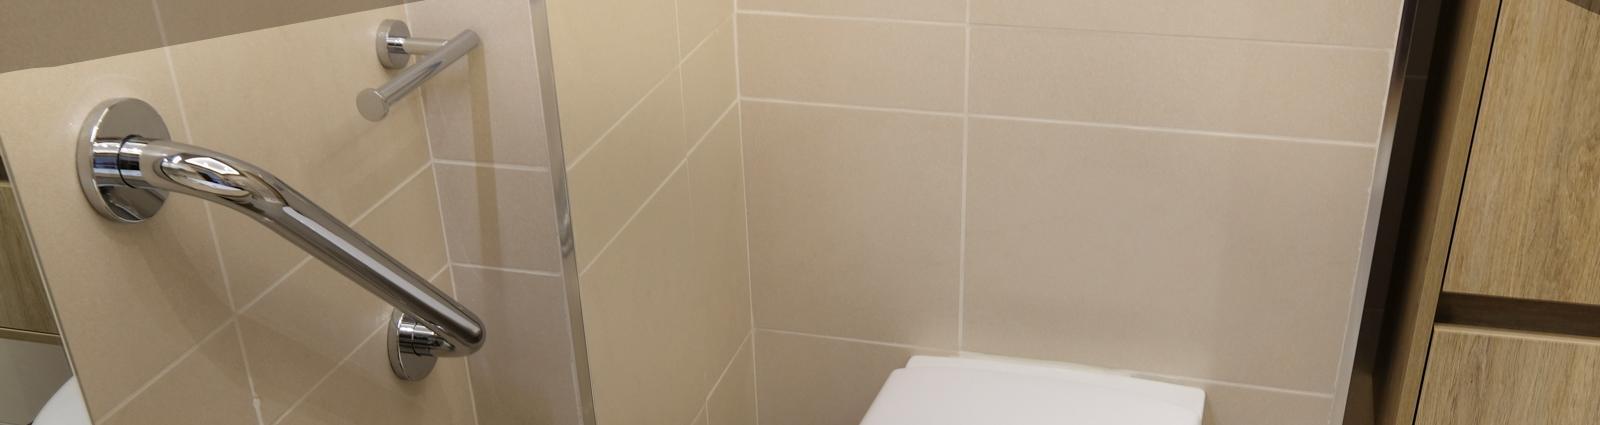 Découvrez nos barres d'appui, tabourets et sièges de douche ainsi que nos informations écologiques et économiques pour vos chambres, salles de bains et sanitaires. Avez-vous pensé à vérifier vos équipements de sécurité et PMR dans vos salles de bains ? HOTEL MEGASTORE est là pour vous aider. La loi prévoit l'obligation d'aménager vos espaces salles de bains de manière à les rendre accessibles aux personnes handicapées. Vous découvrirez tous les principes d'implantation d'une salle de bain au norme PMR (Personne à Mobilité Réduite) avec les espaces lavabo, douche et toilette.